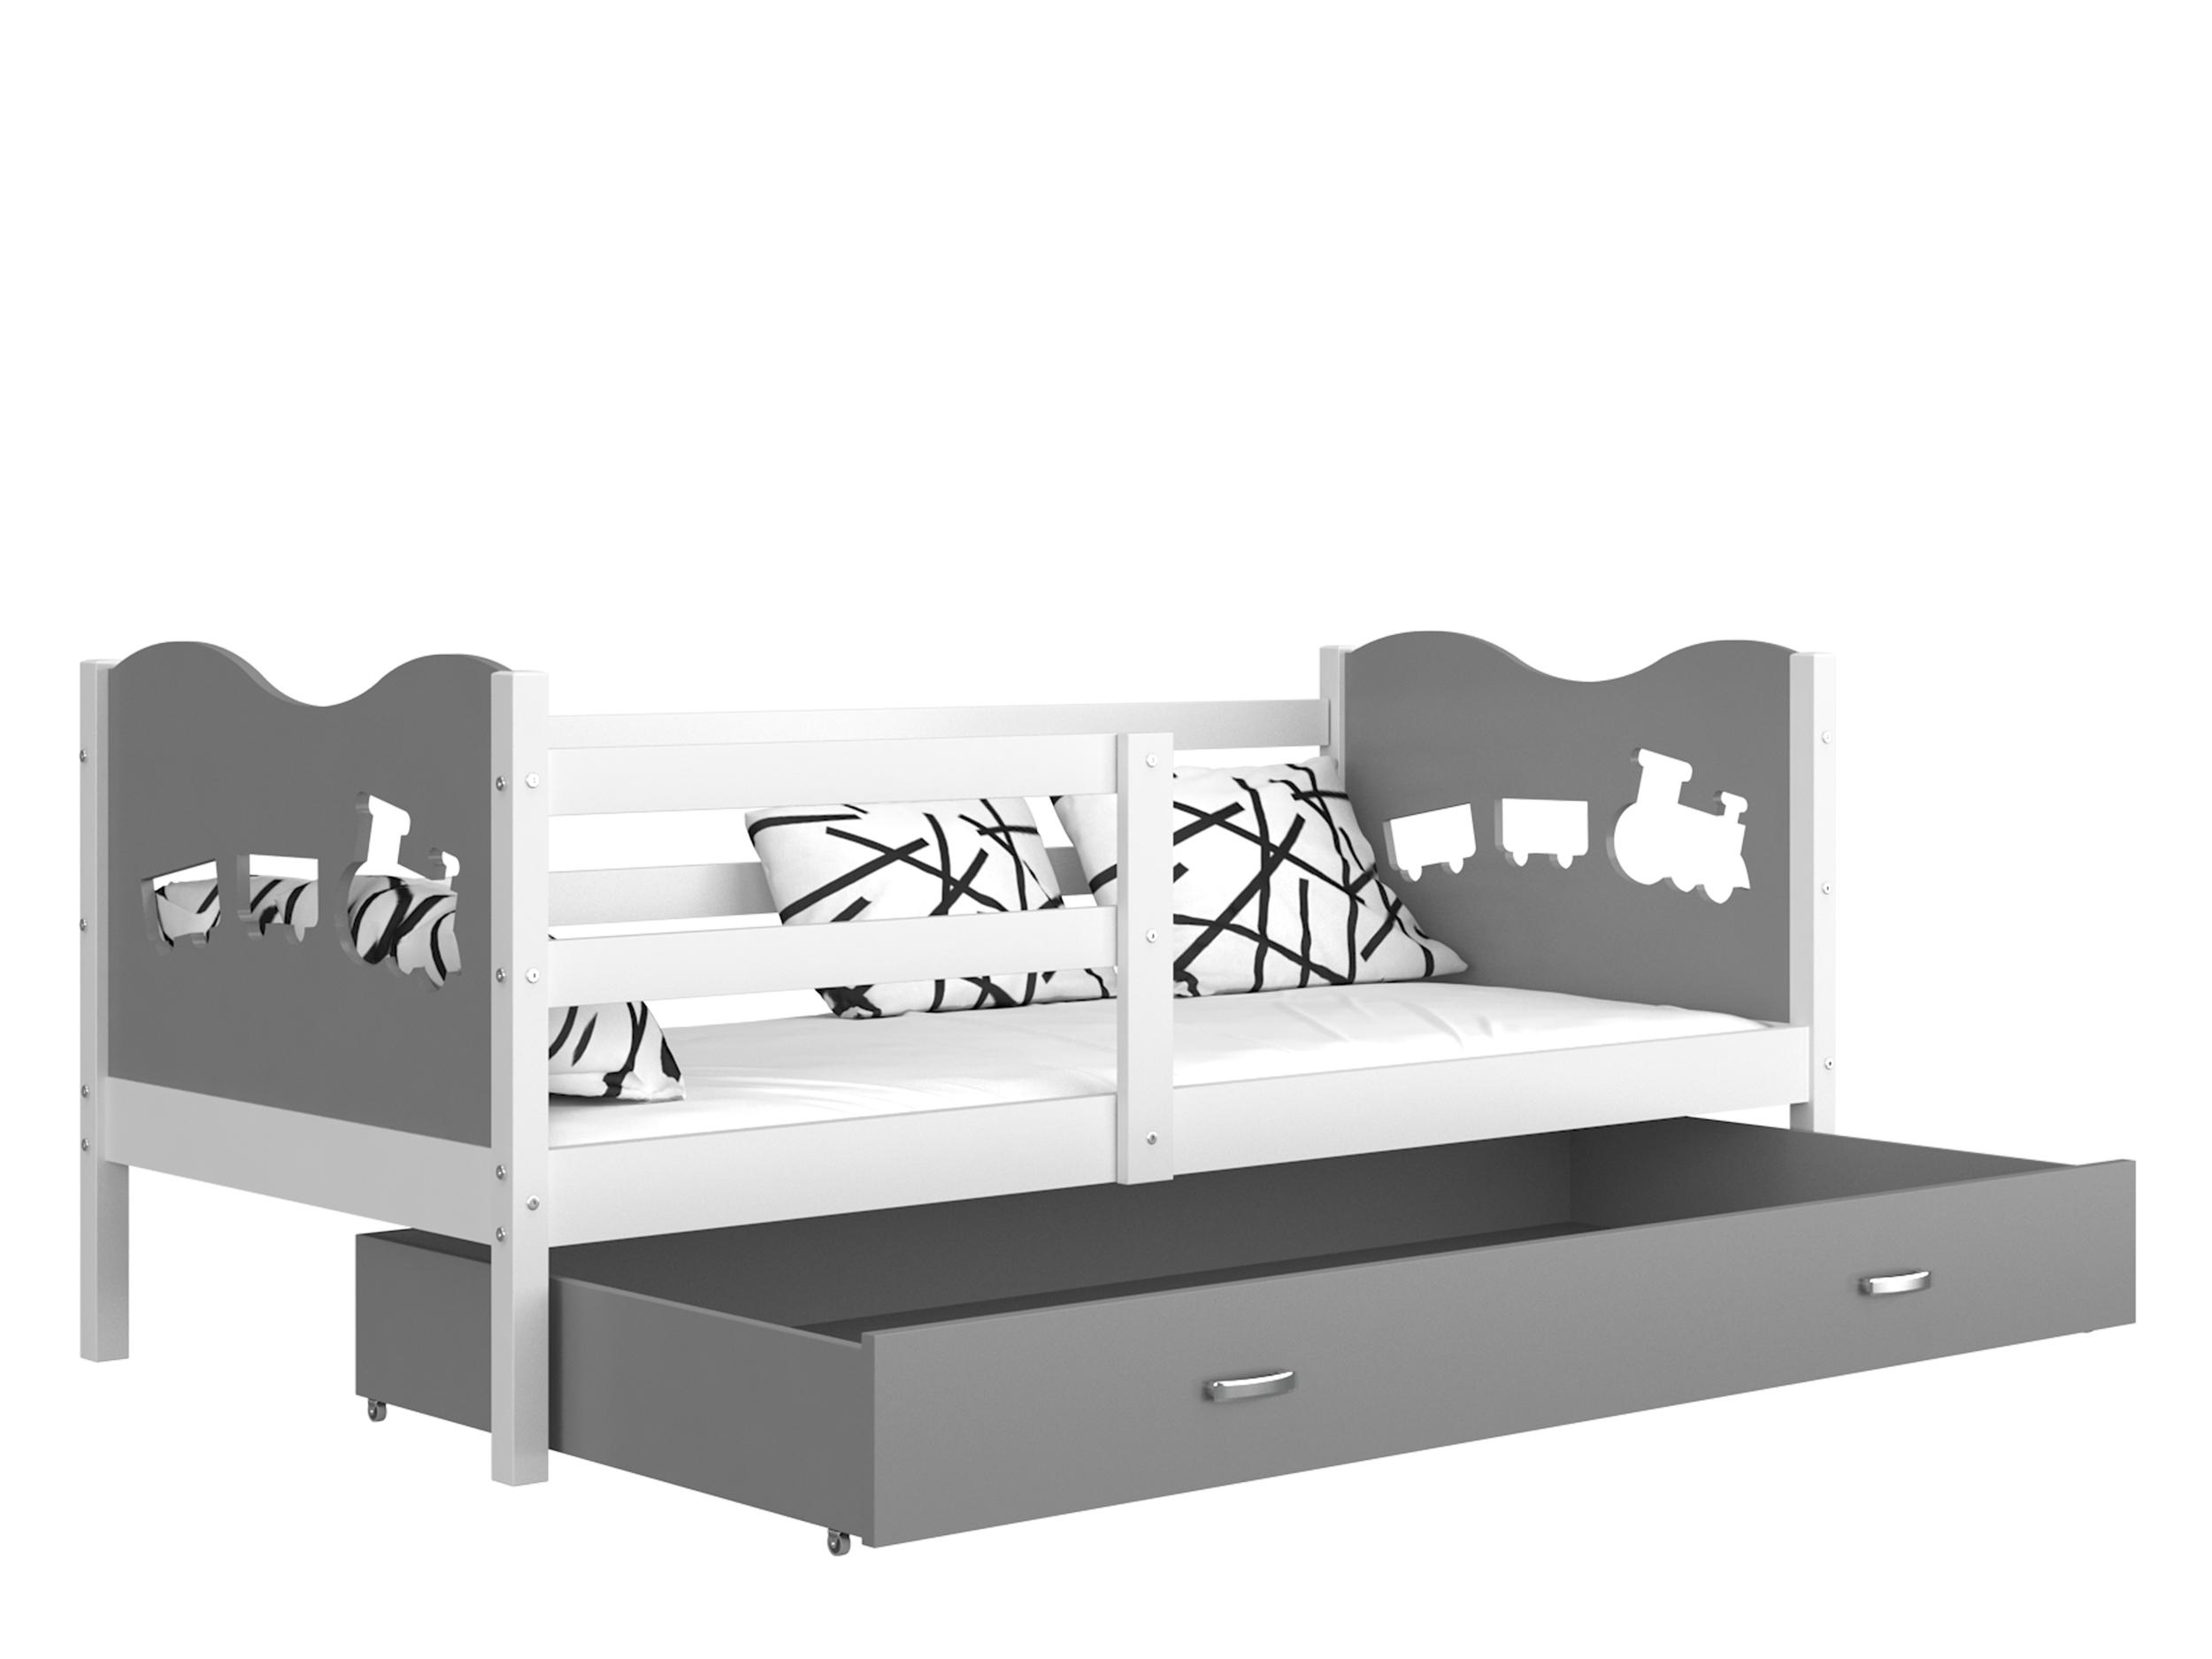 ArtAJ Detská posteľ MAX P / MDF 200 x 90 cm Farba: biela / sivá 200 x 90 cm, Prevedenie: bez matraca